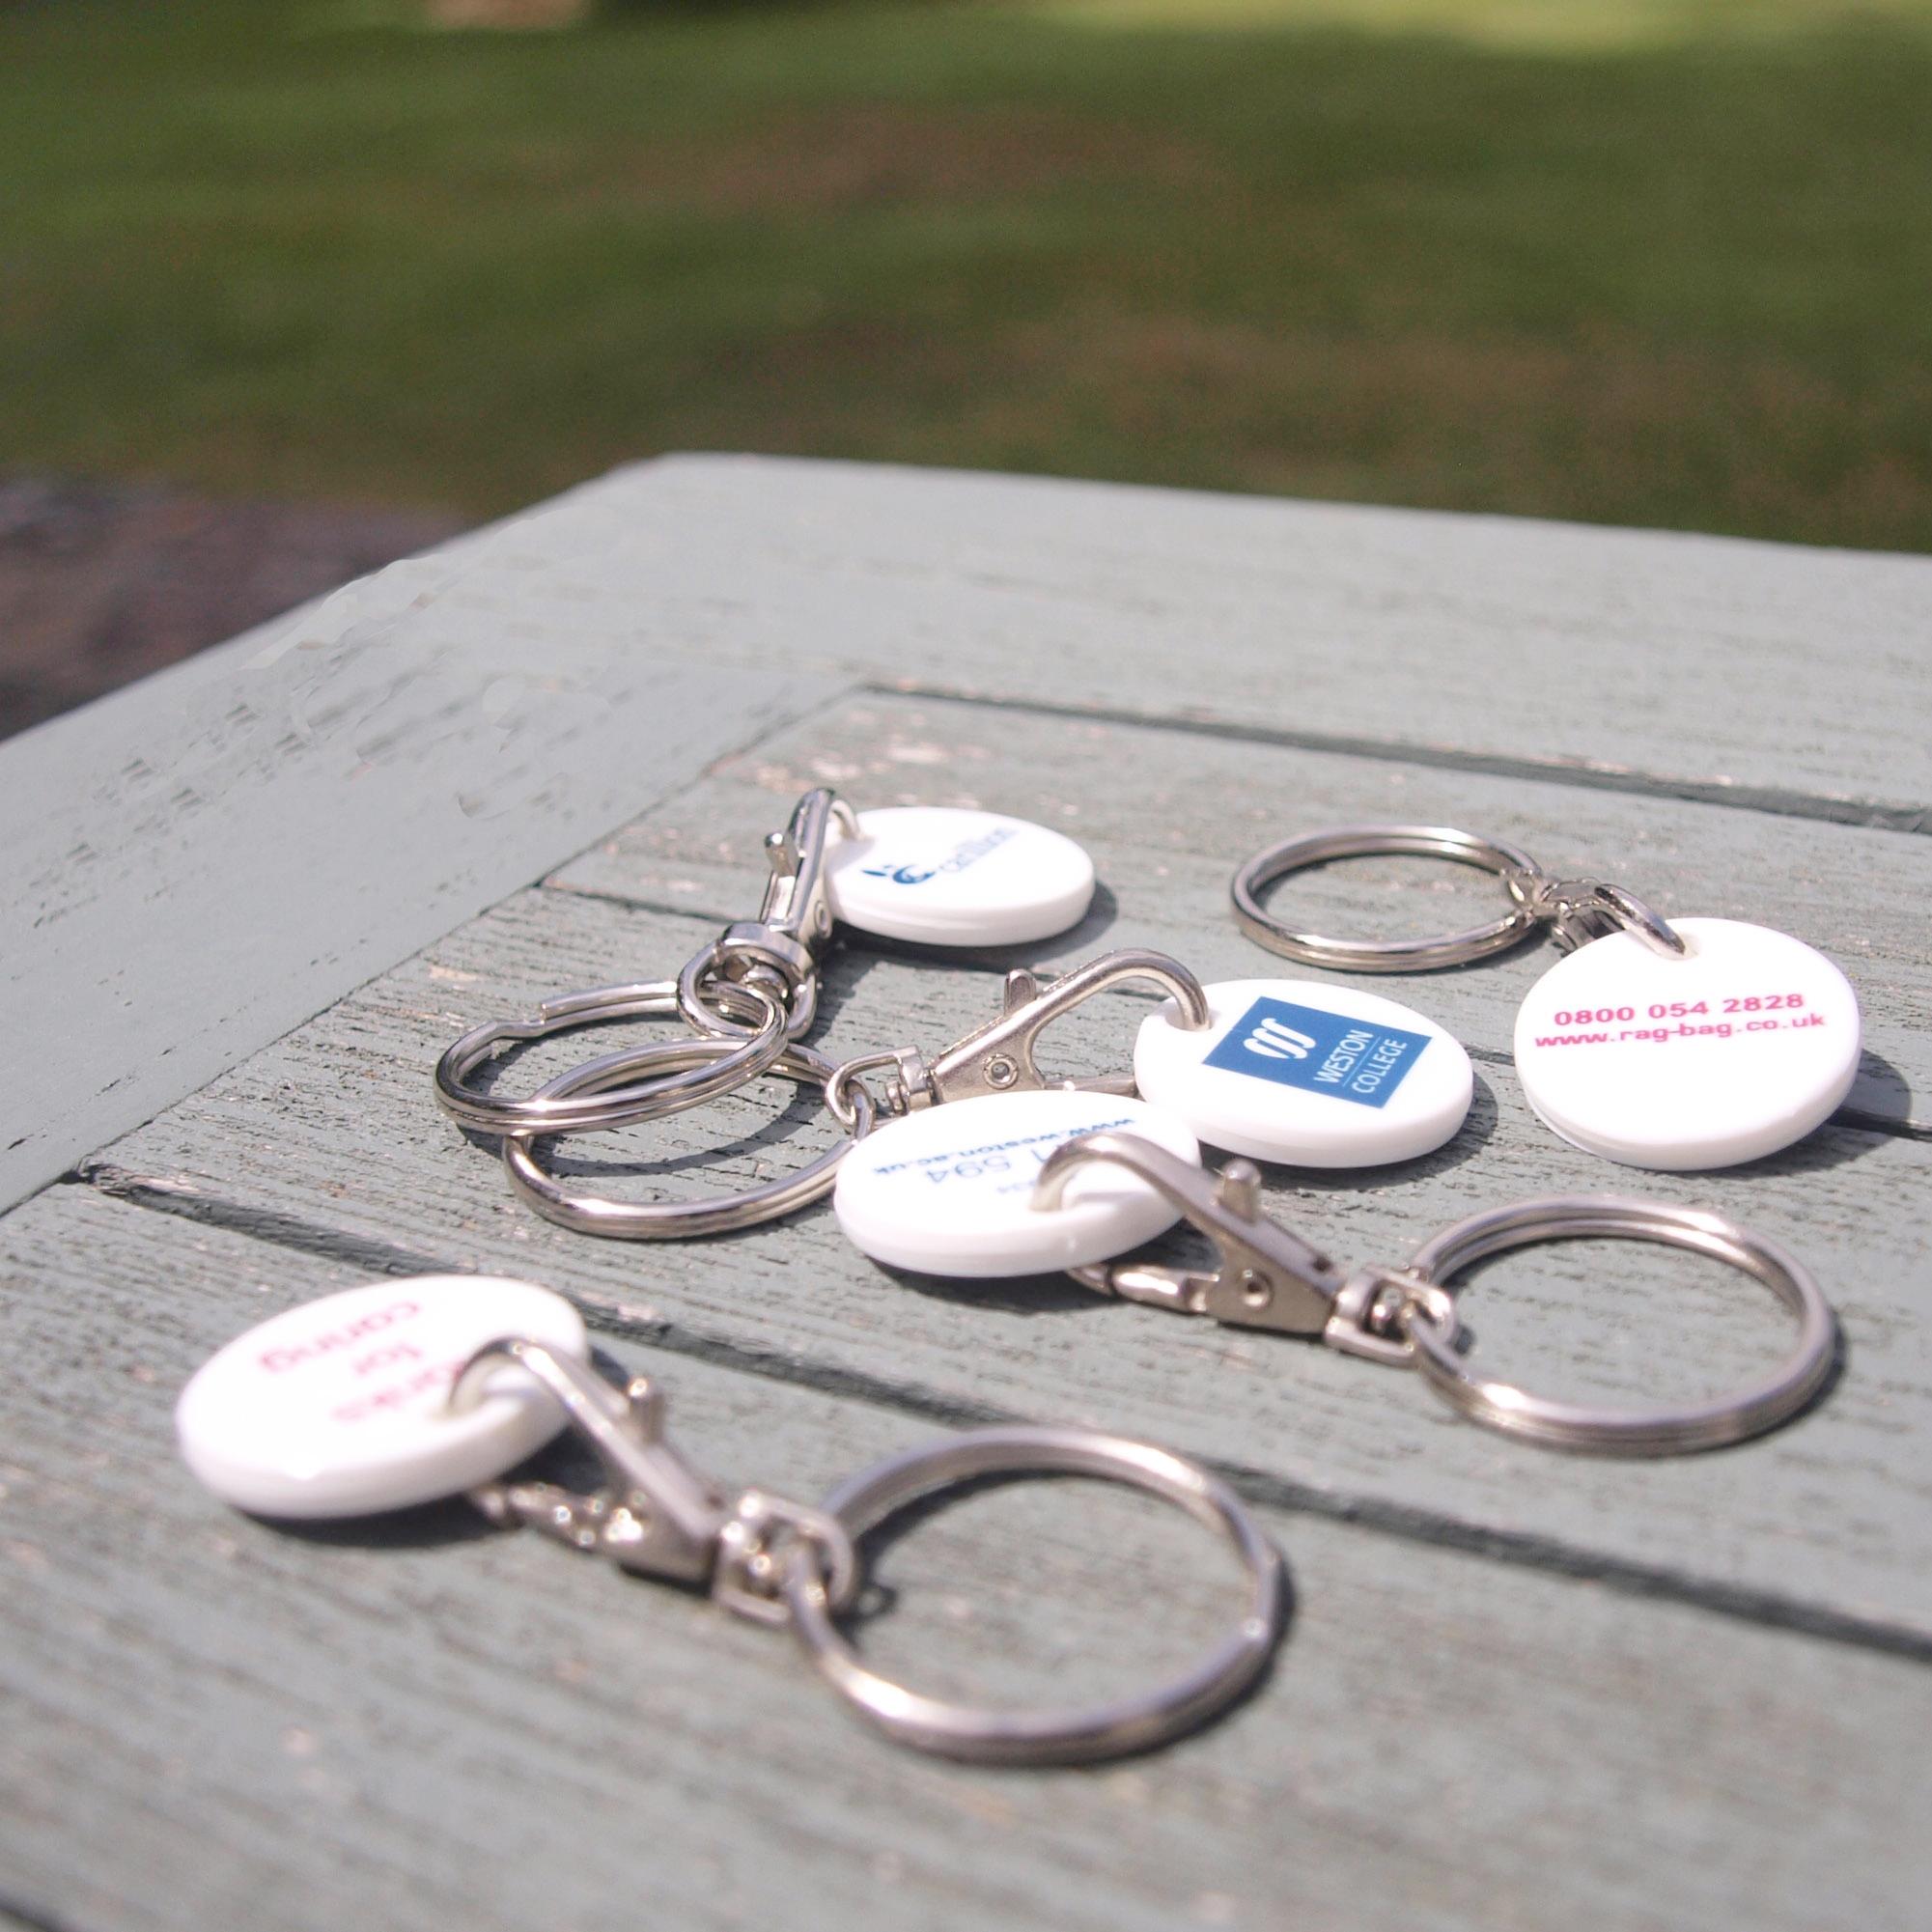 Eco-friendly plastic keyings.